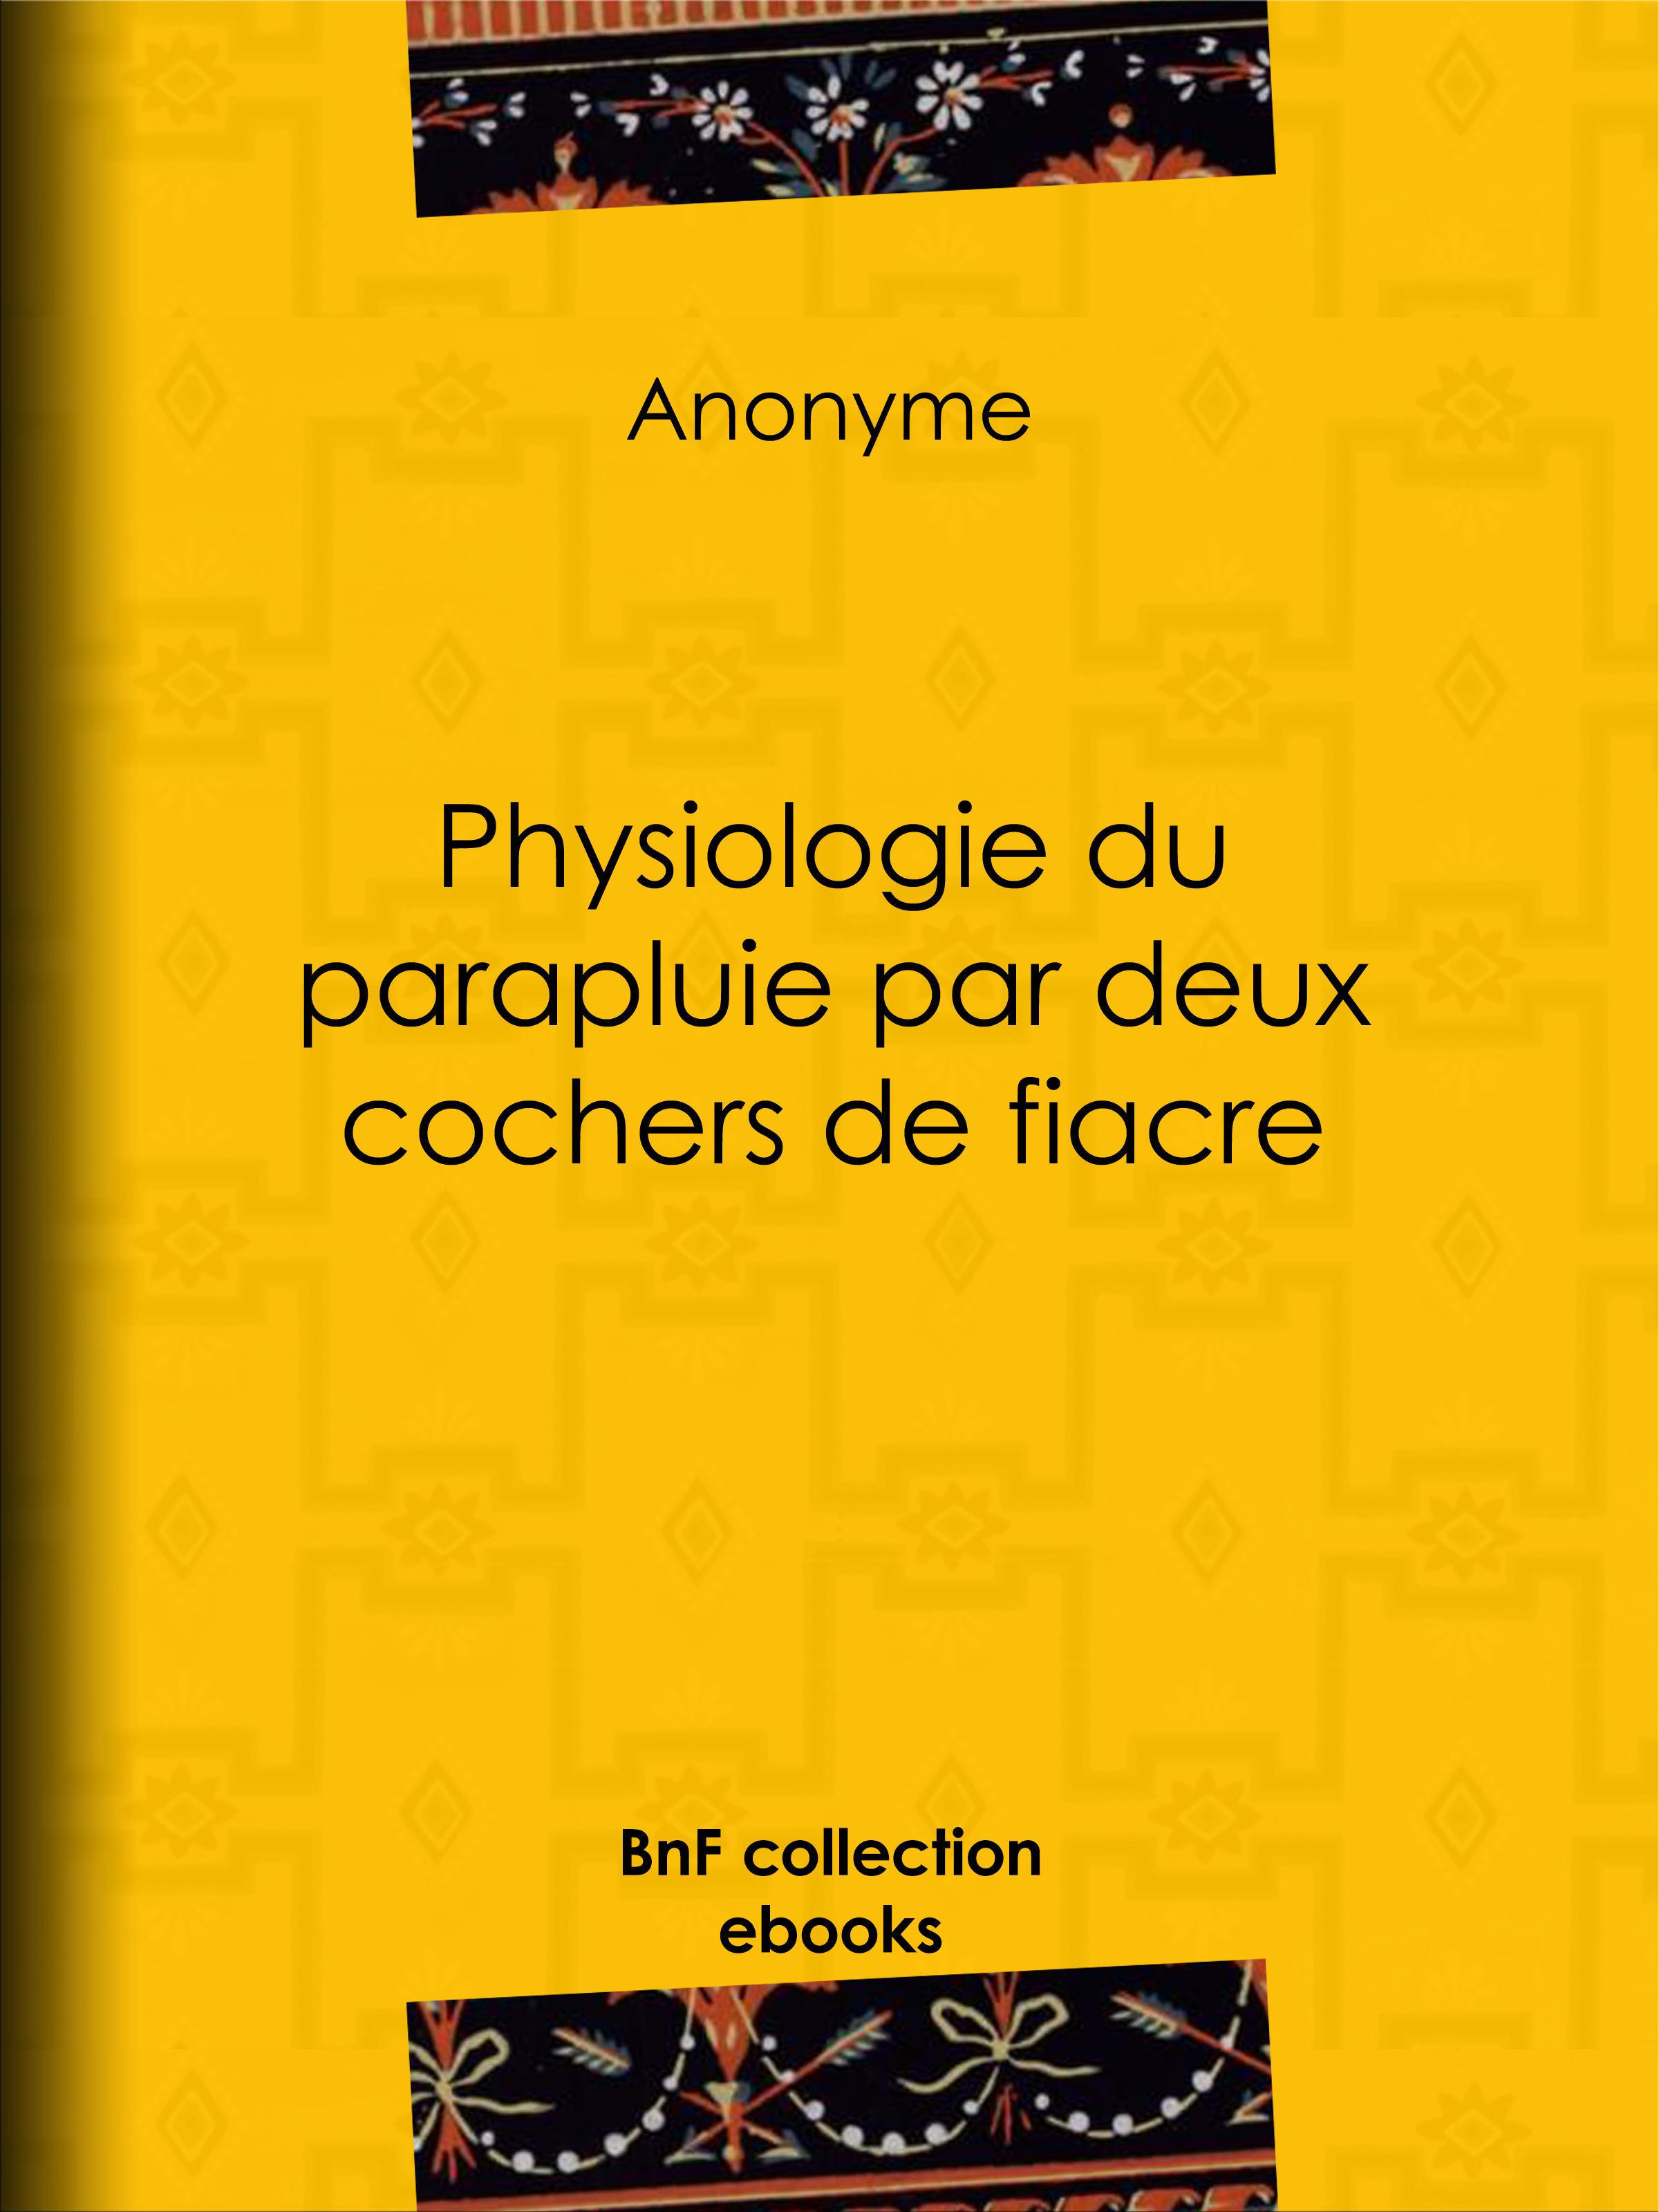 Physiologie du parapluie par deux cochers de fiacre  - Anonyme